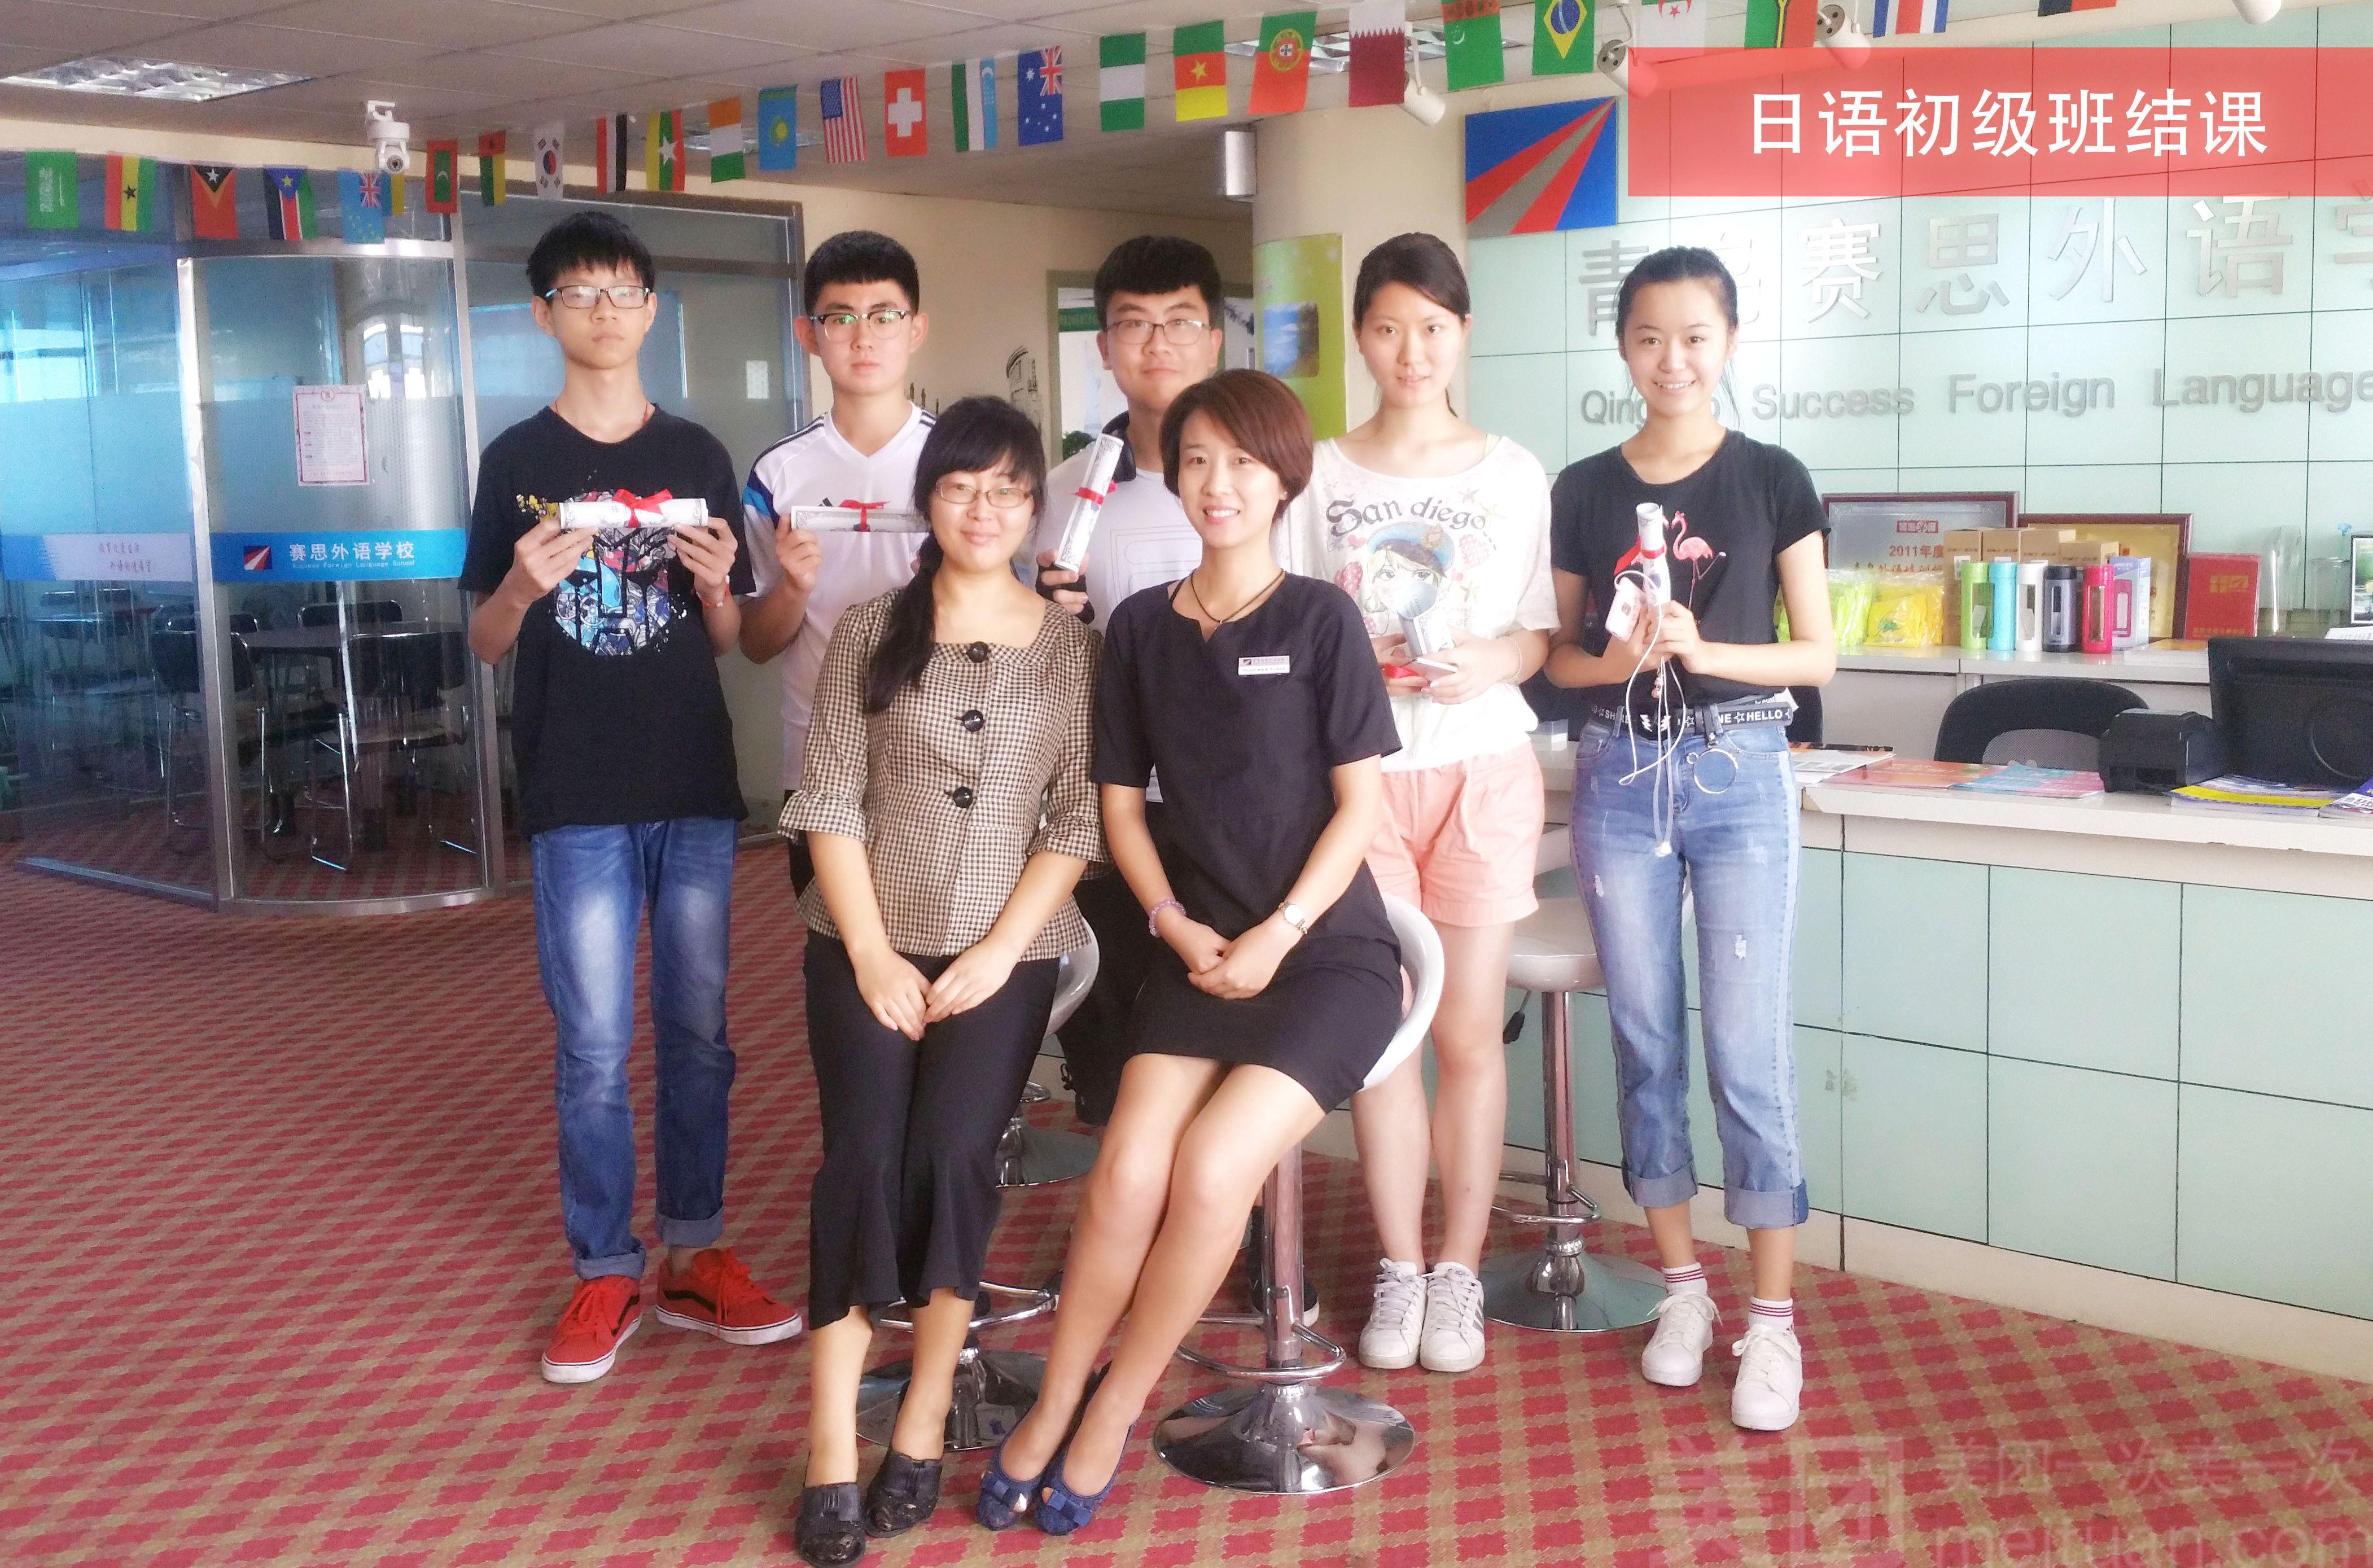 赛思外语学校 语言培训 出国留学